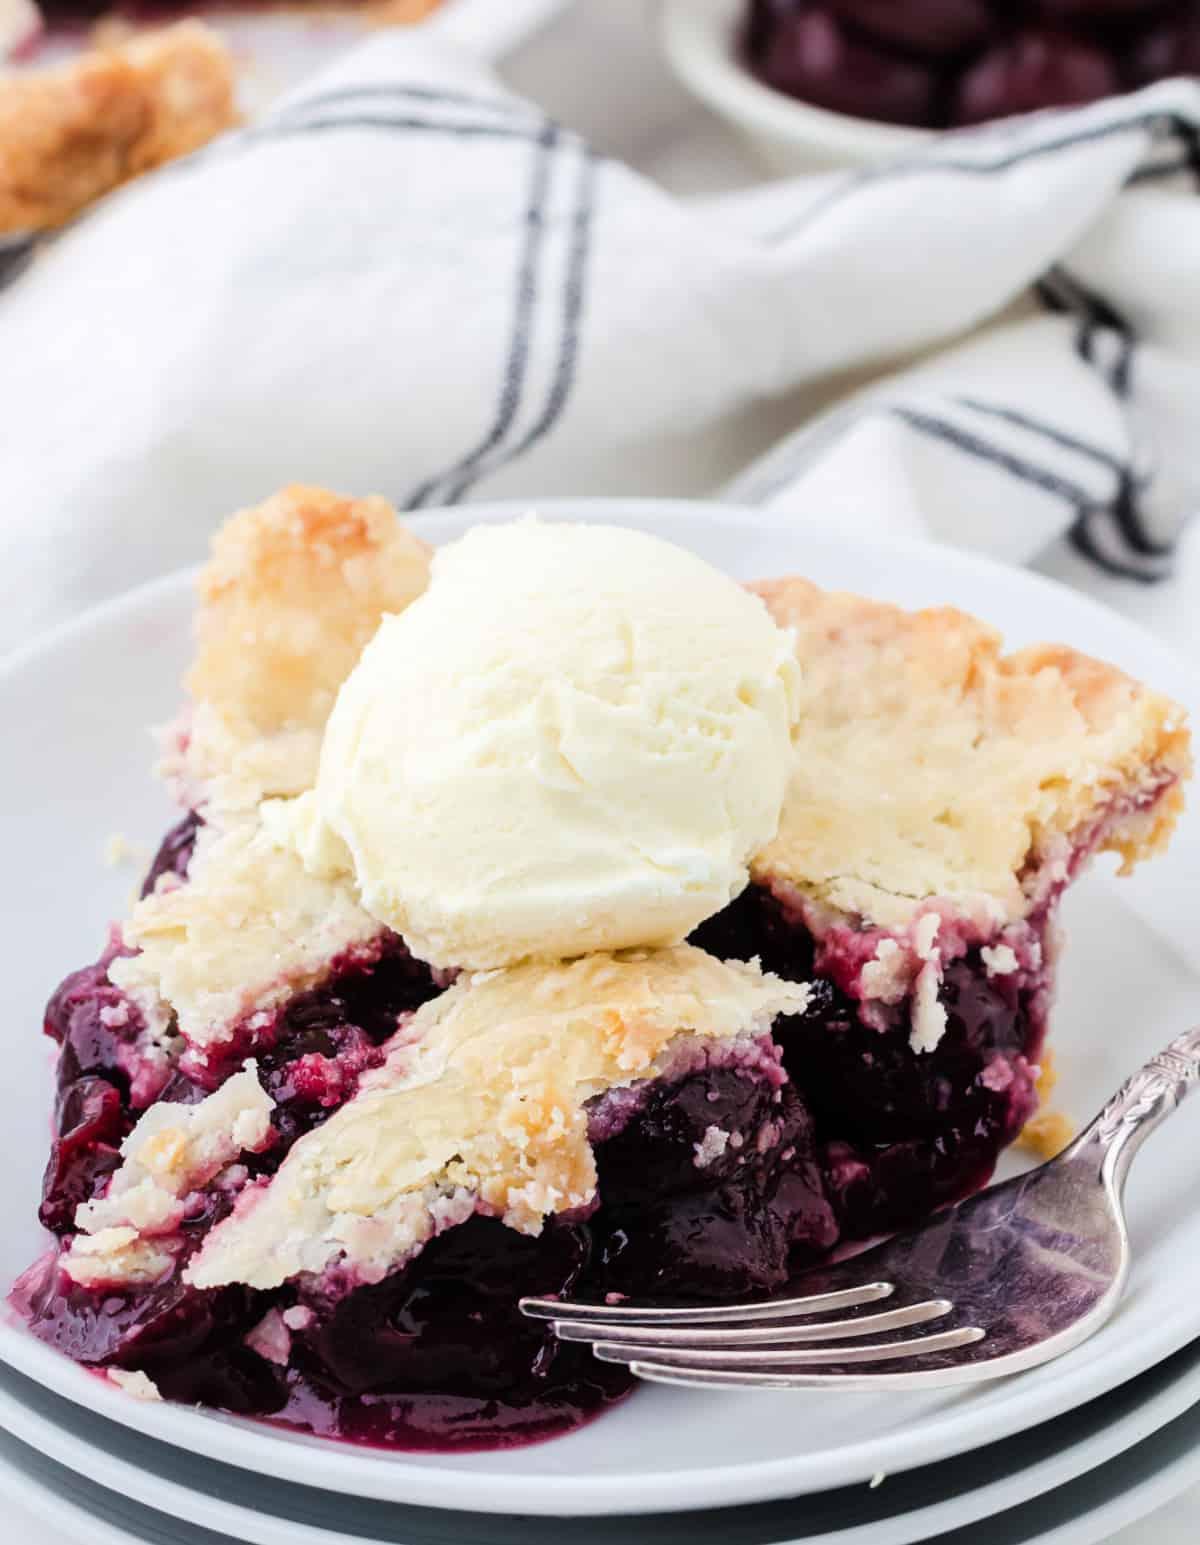 Una rebanada de pastel de cerezas en un plato blanco con una bola de helado de vainilla.